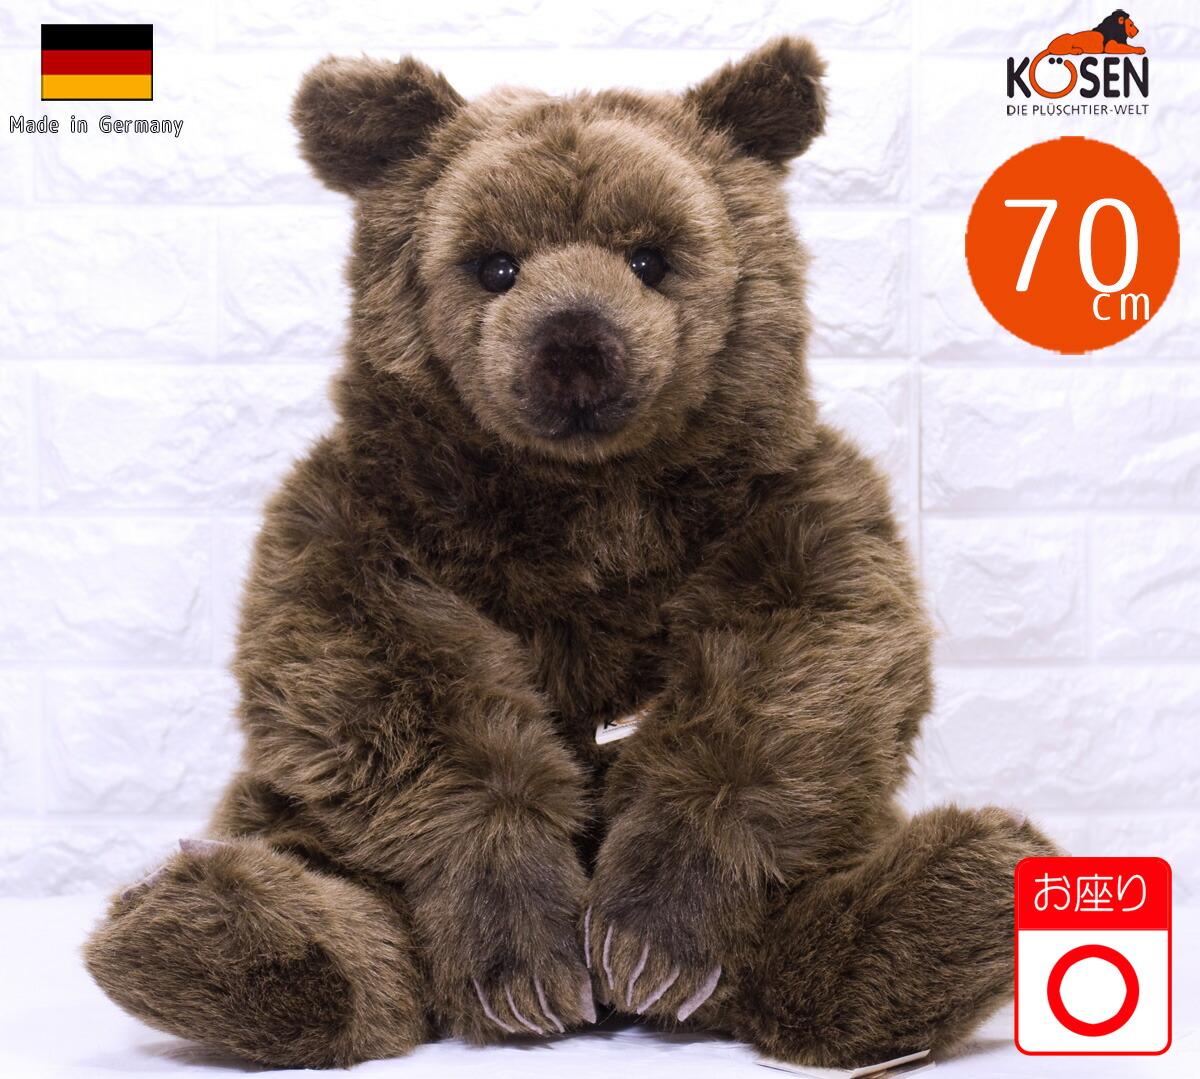 ヒグマ KOSEN ケーセン 70cm Valentina Brown bear/クマ/くま/テディベア プレゼント/リアル/動物/ギフト/子供/女の子/男の子/大人/クリスマス